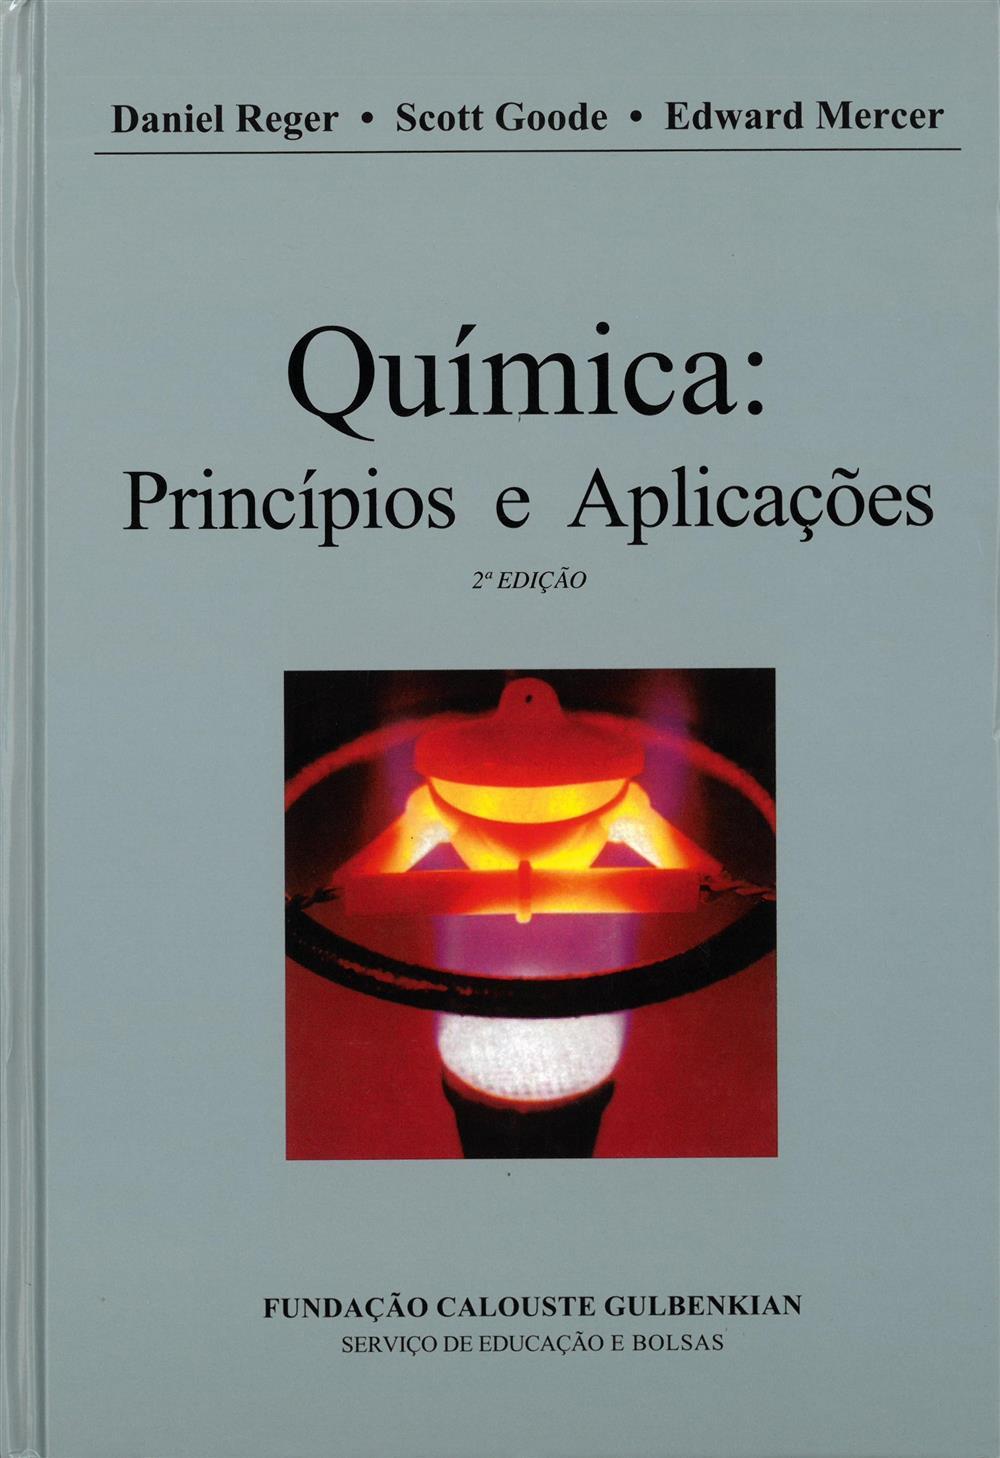 REGER, Daniel (2010). Química : princípios e aplicações.jpg